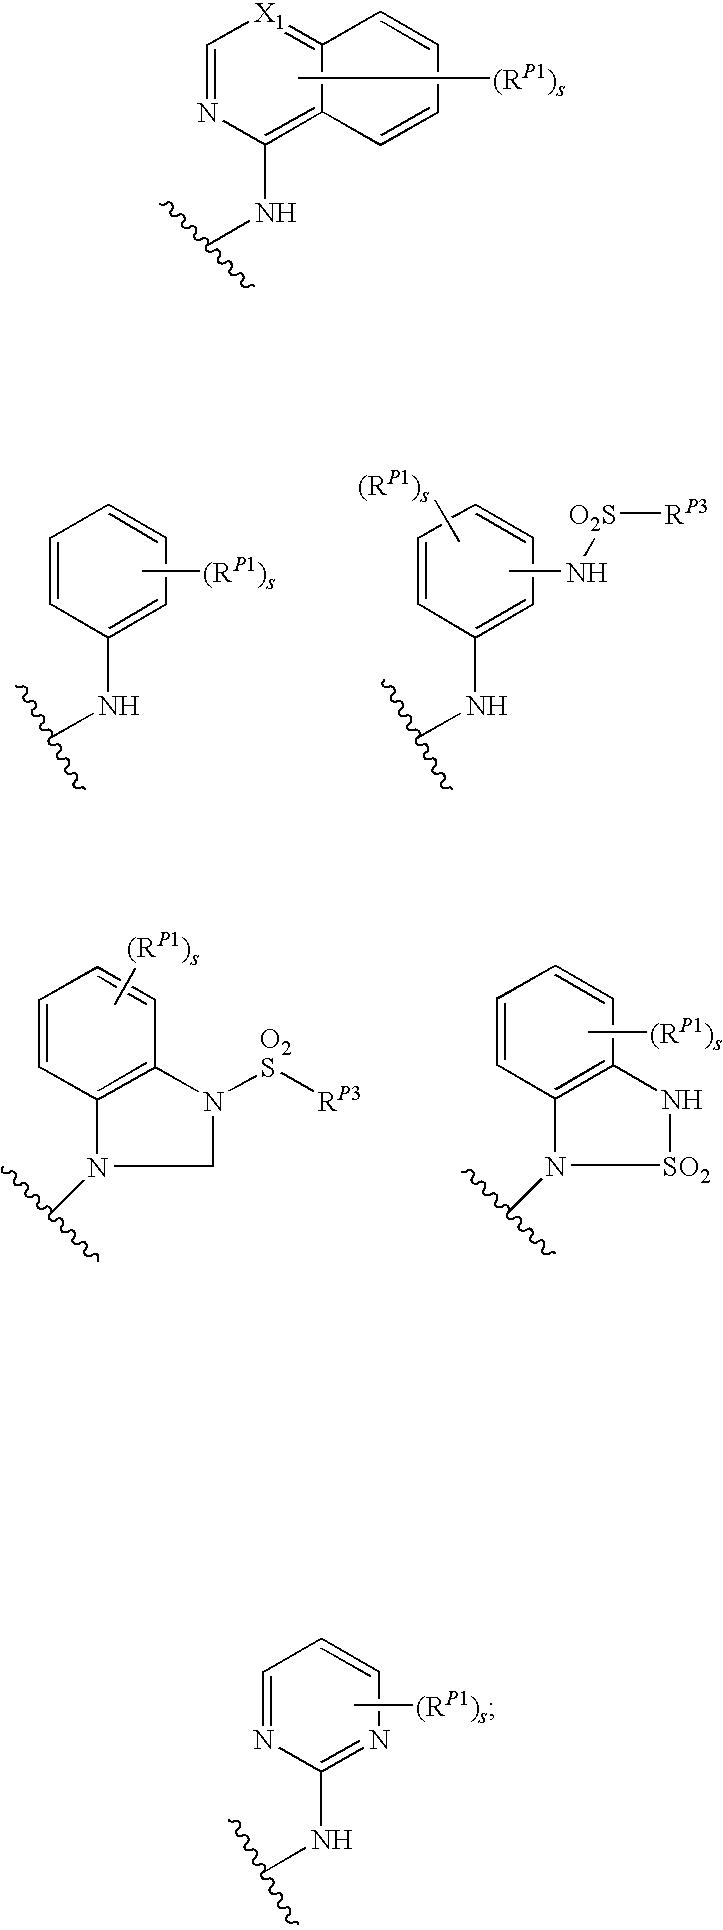 Figure US07790743-20100907-C00238